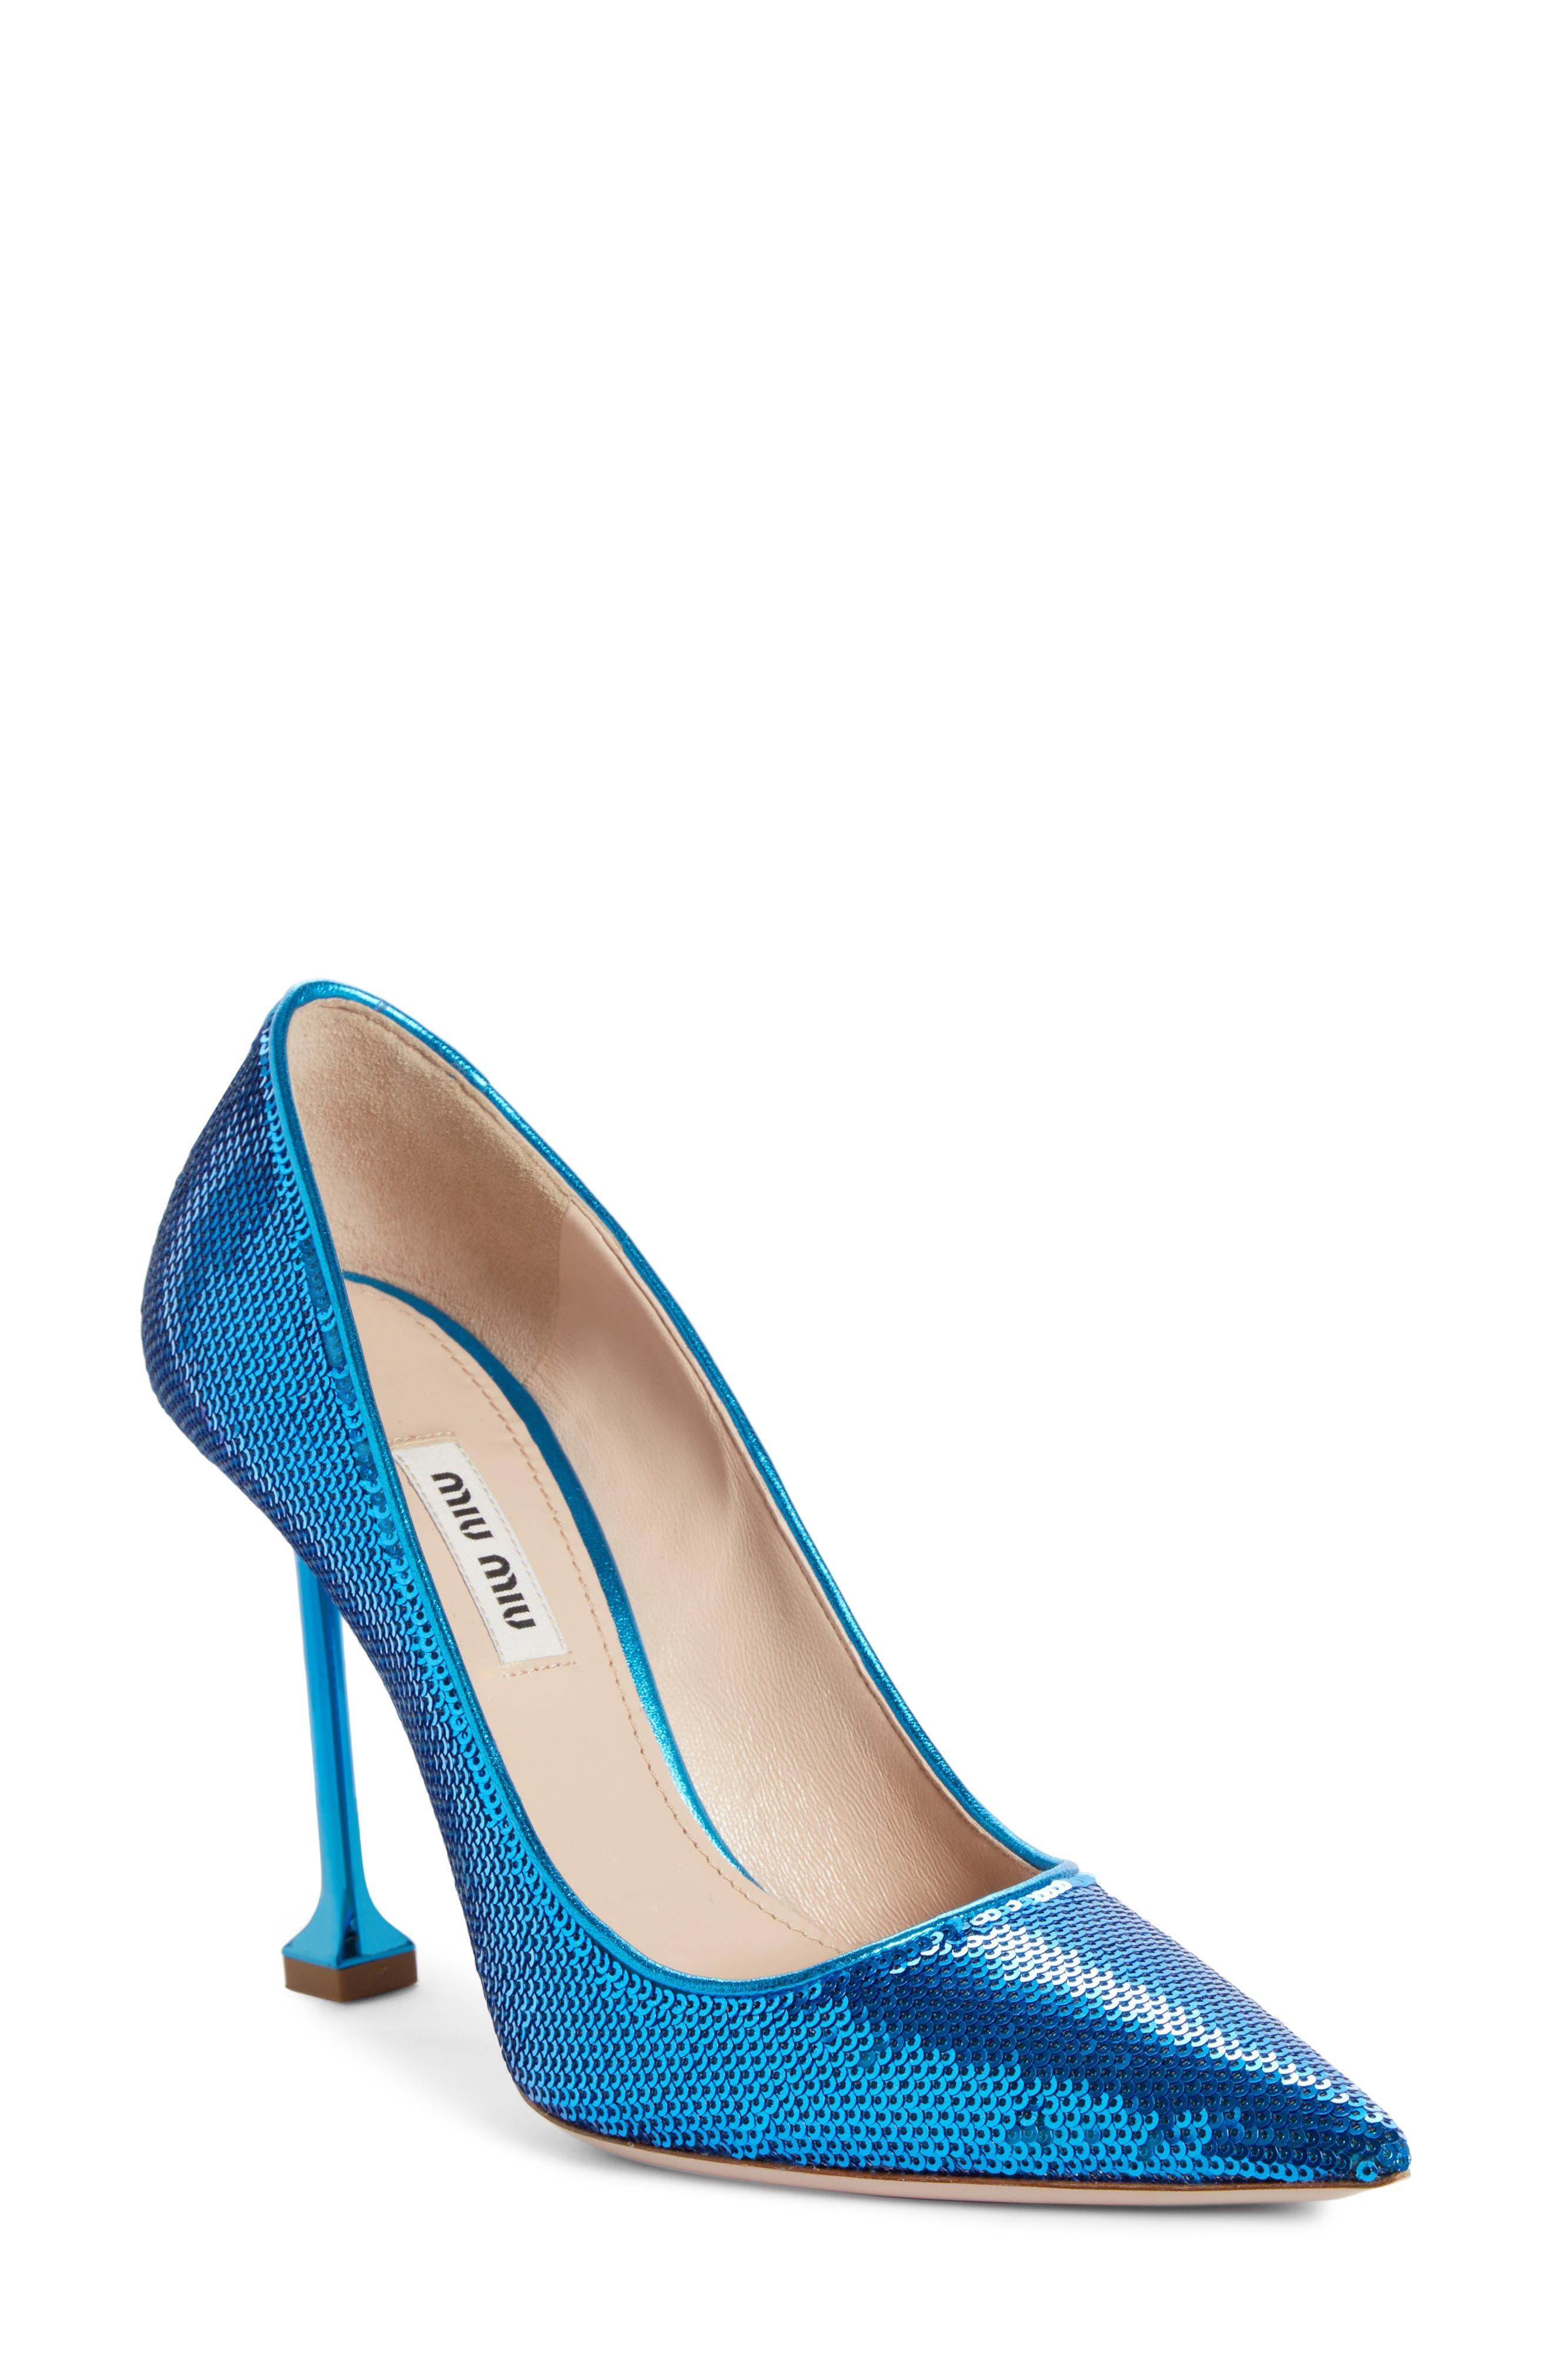 Sequin Pin Heel Pump, Main, color, MAREA BLUE